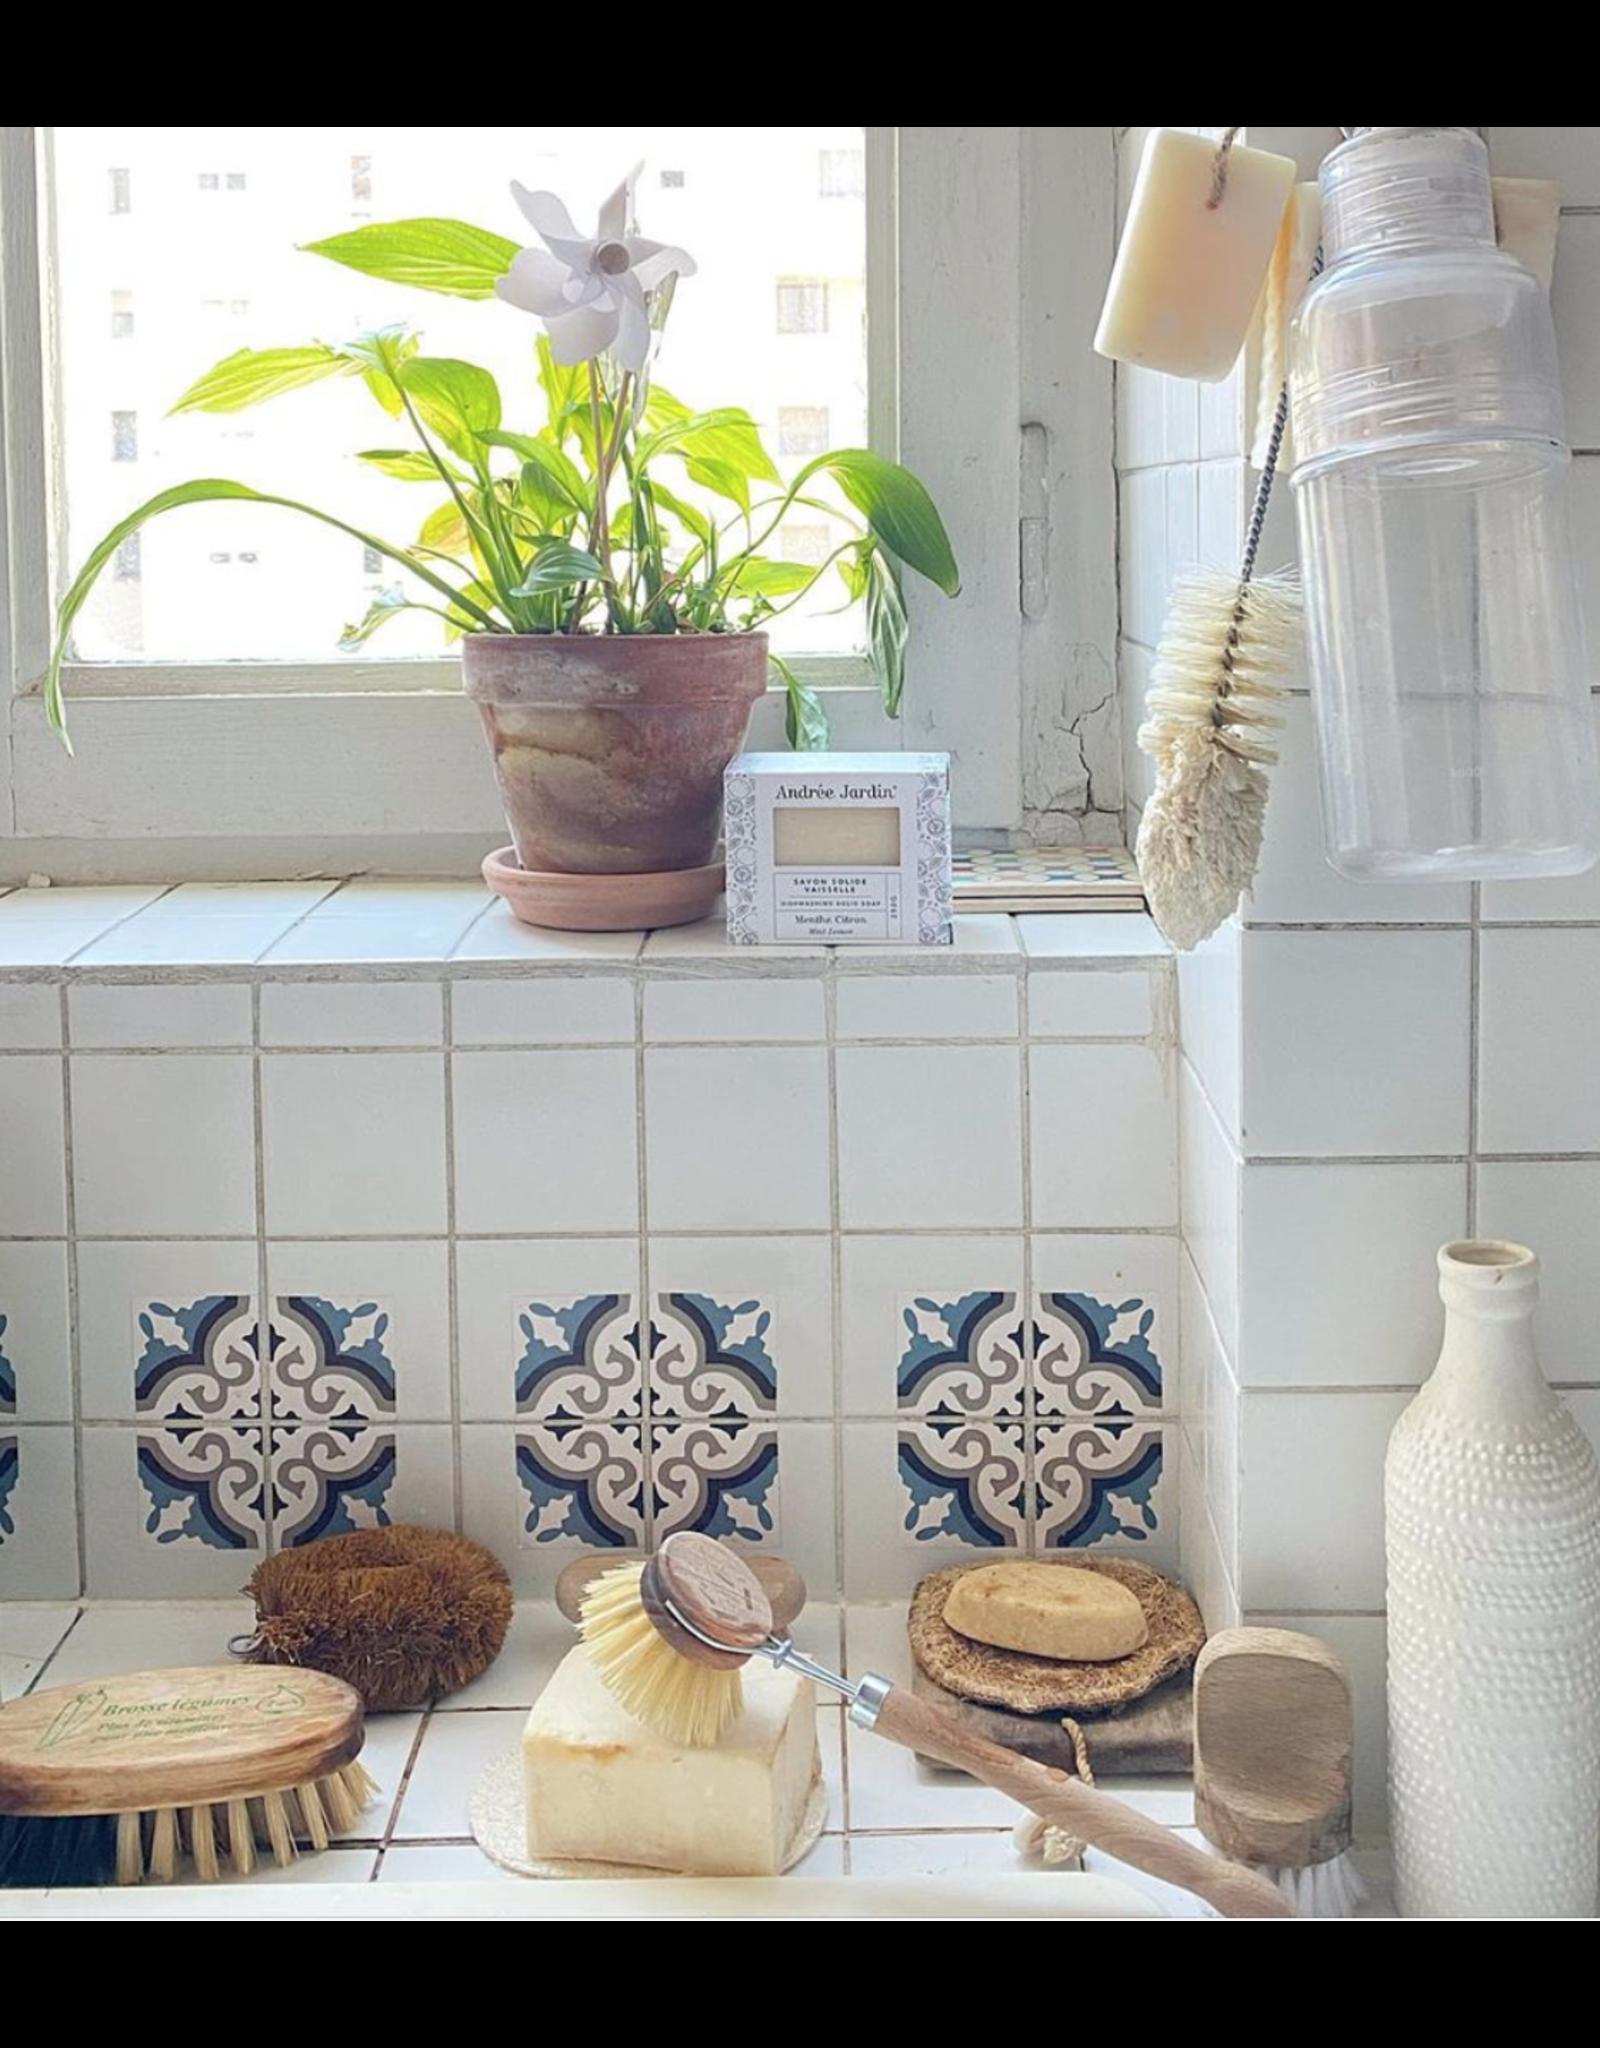 Kitchen Trend Vaatwaszeep - sage-basil